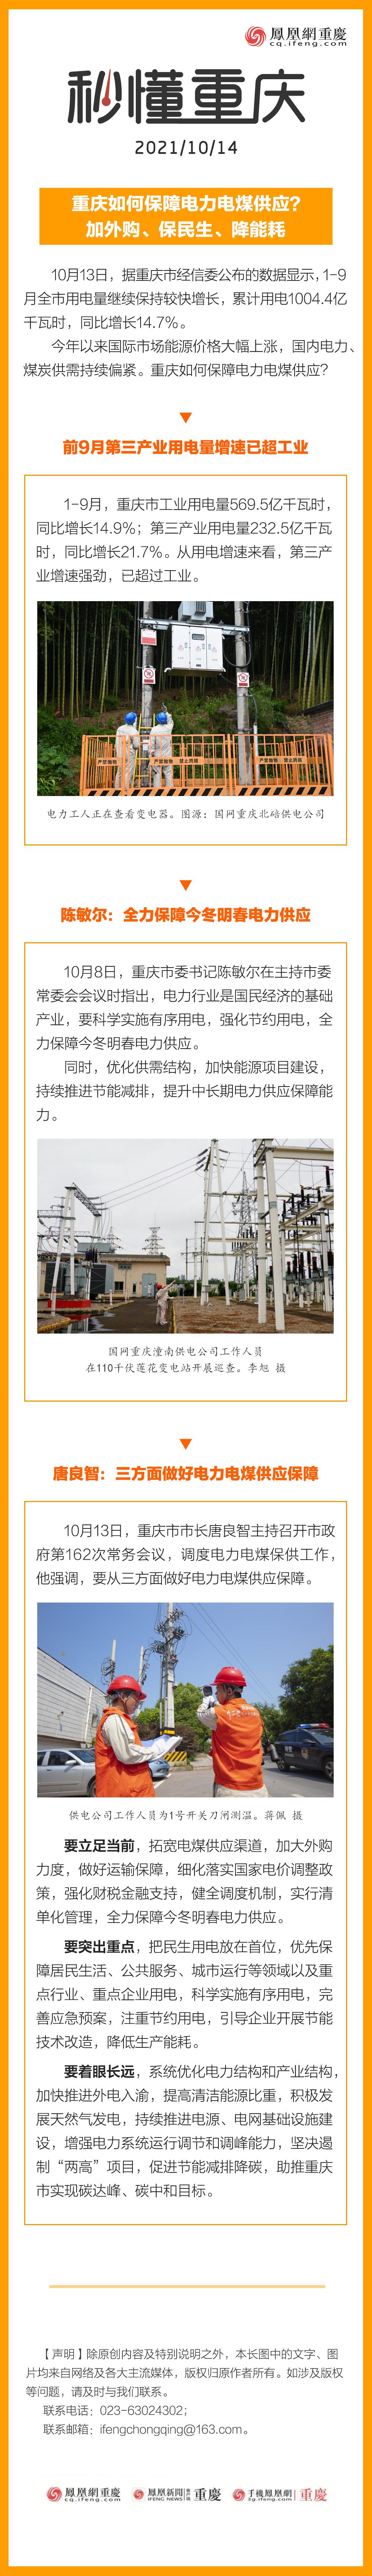 秒懂重庆   重庆如何保障电力电煤供应?加外购、保民生、降能耗